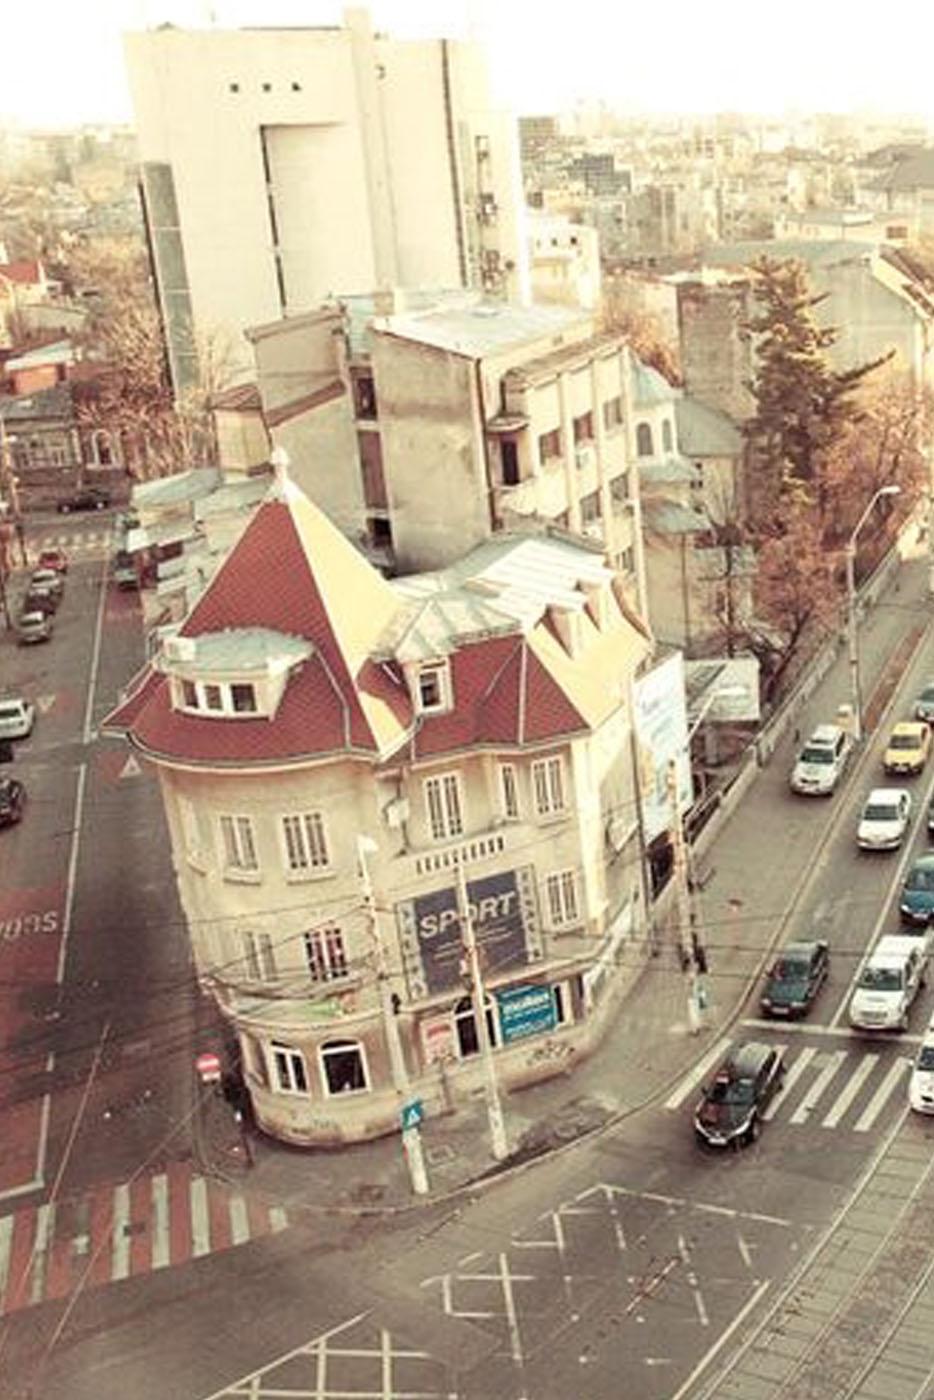 https://ahe-ro.s3.amazonaws.com/2218/foto_de_sus.jpg